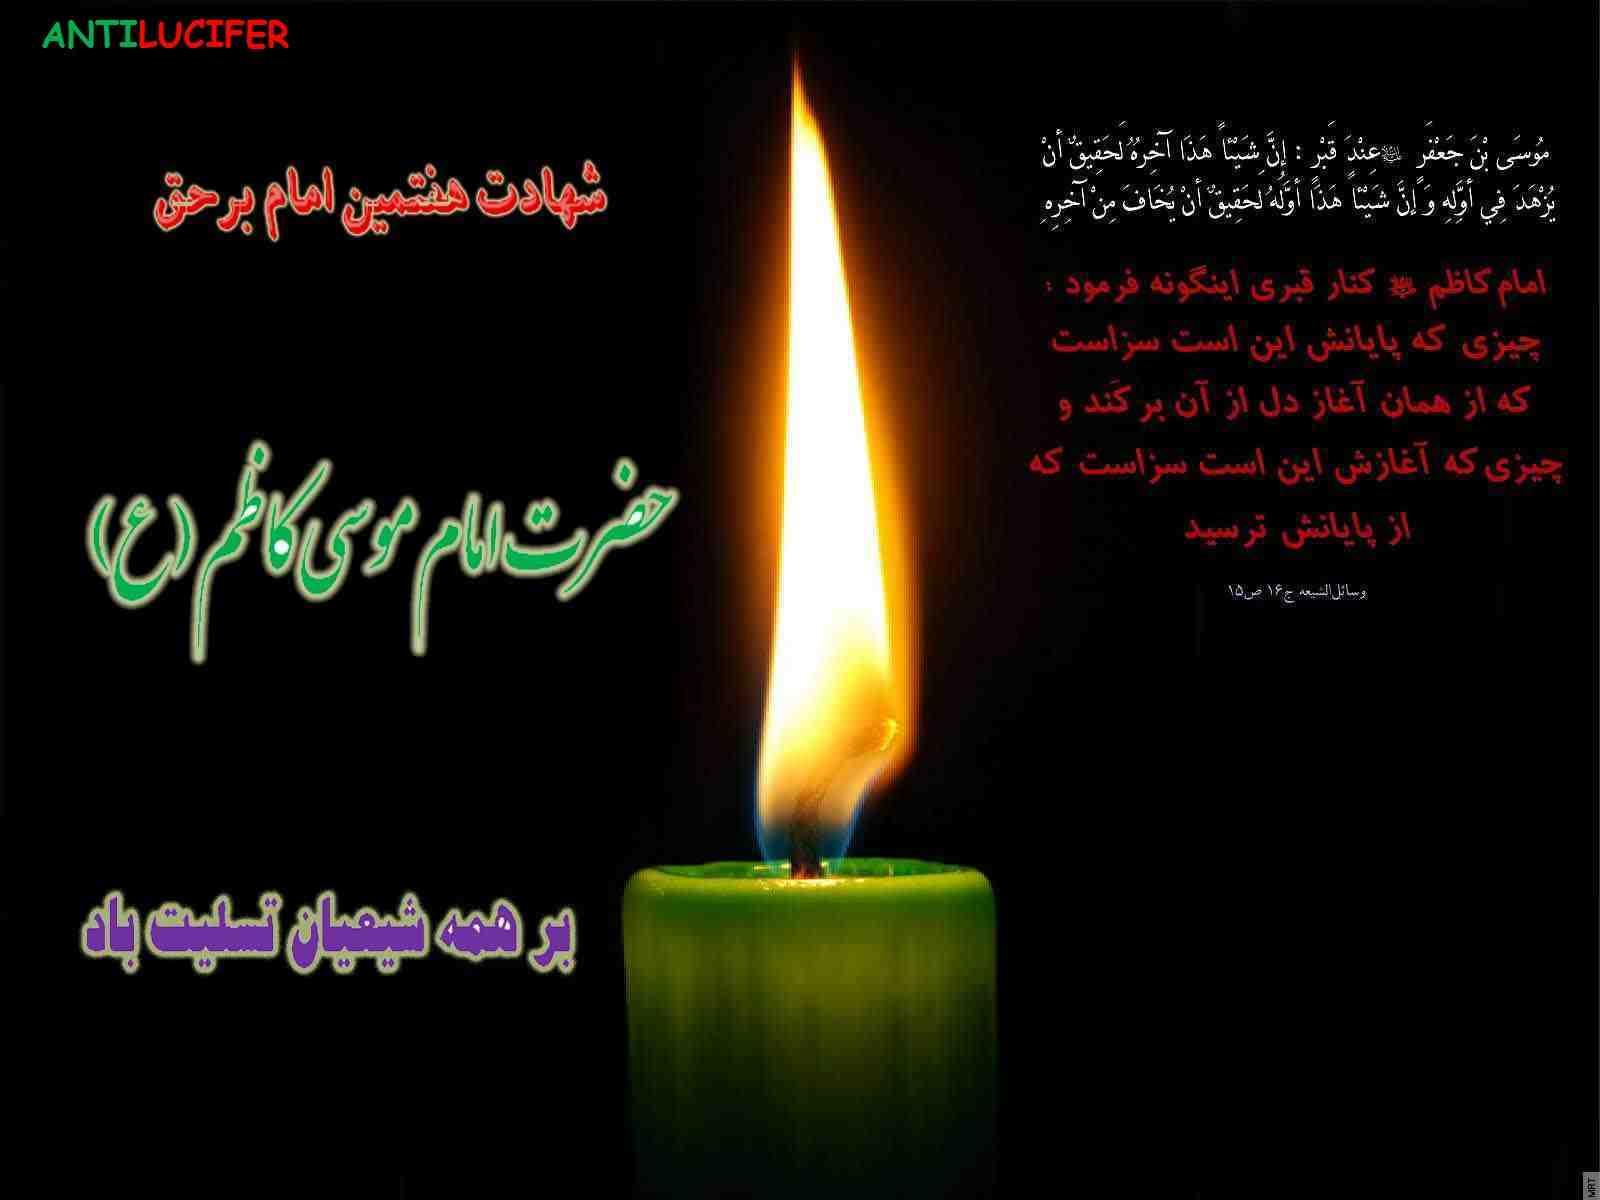 عکس شهادت امام کاظم